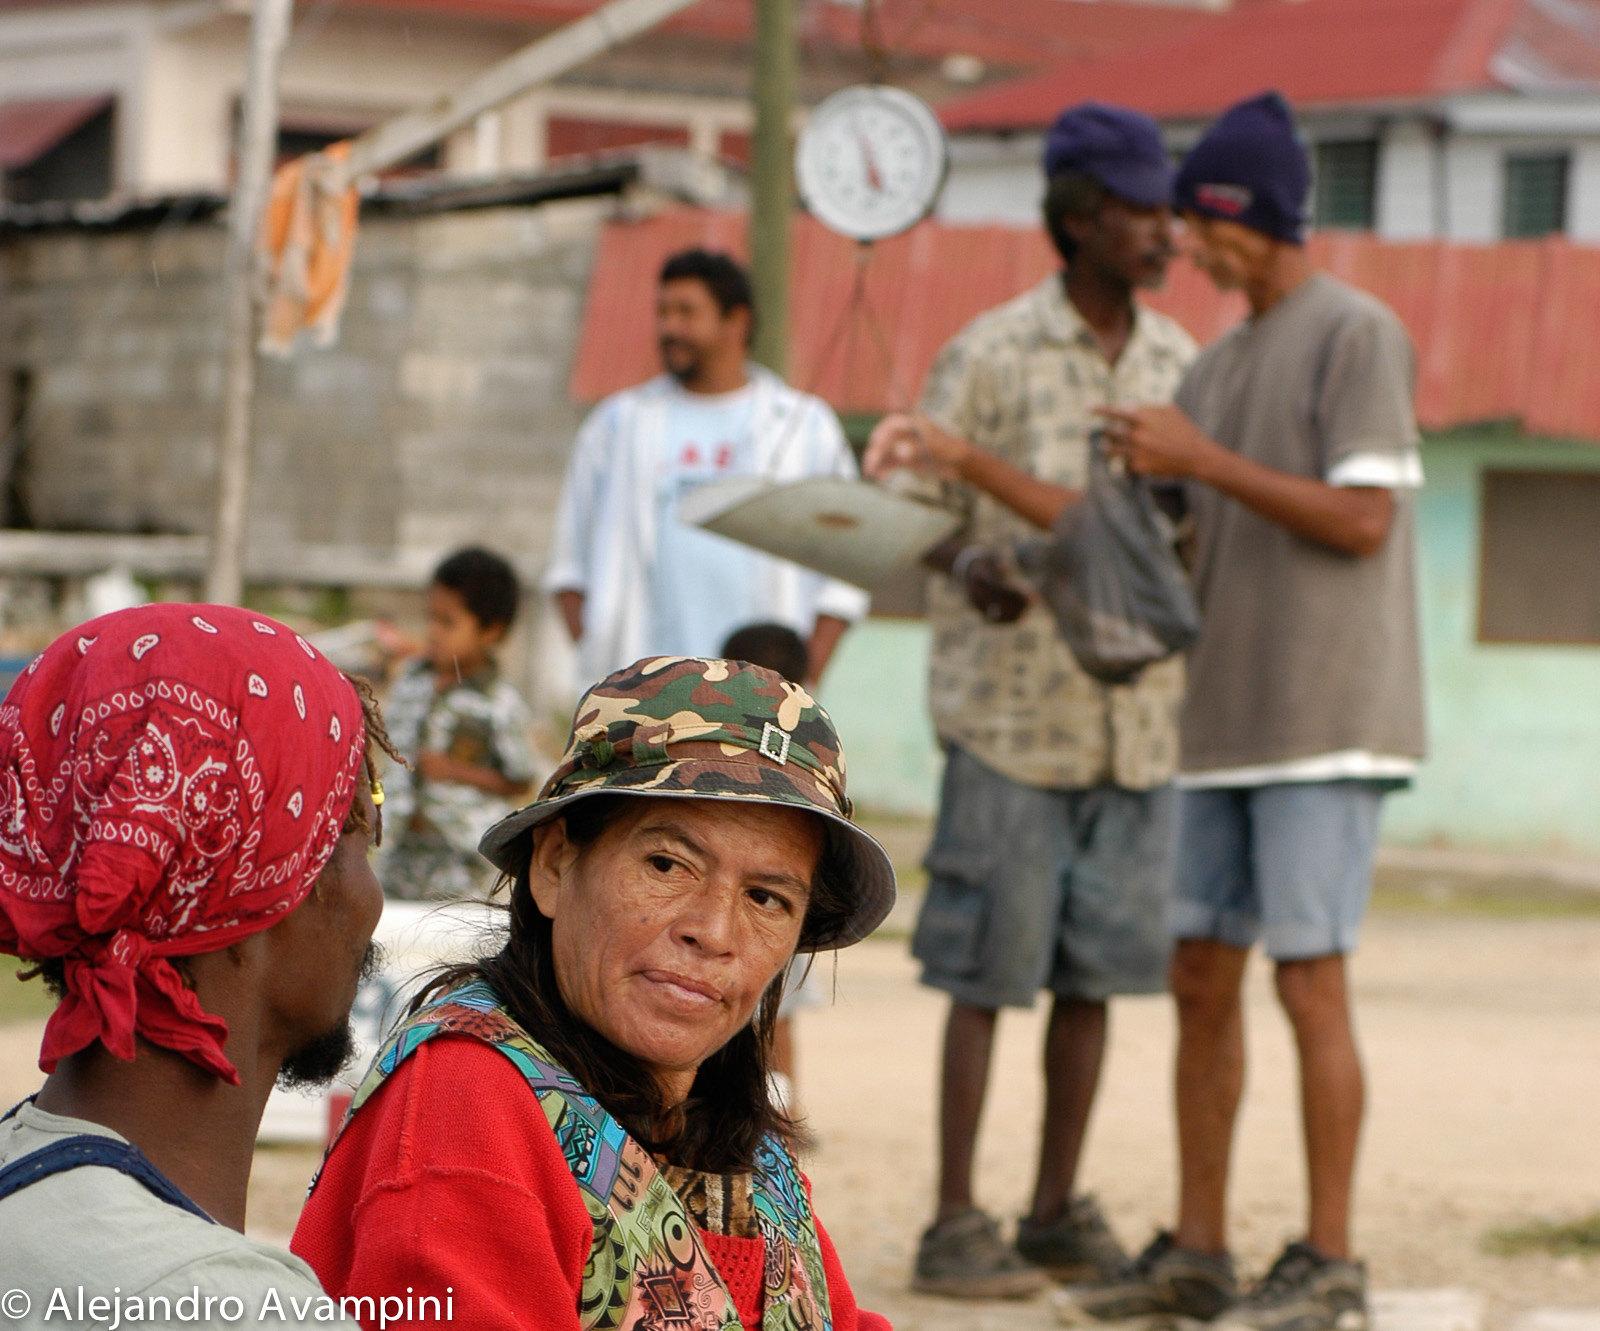 Pescadores comercializando en Corozal - Belice